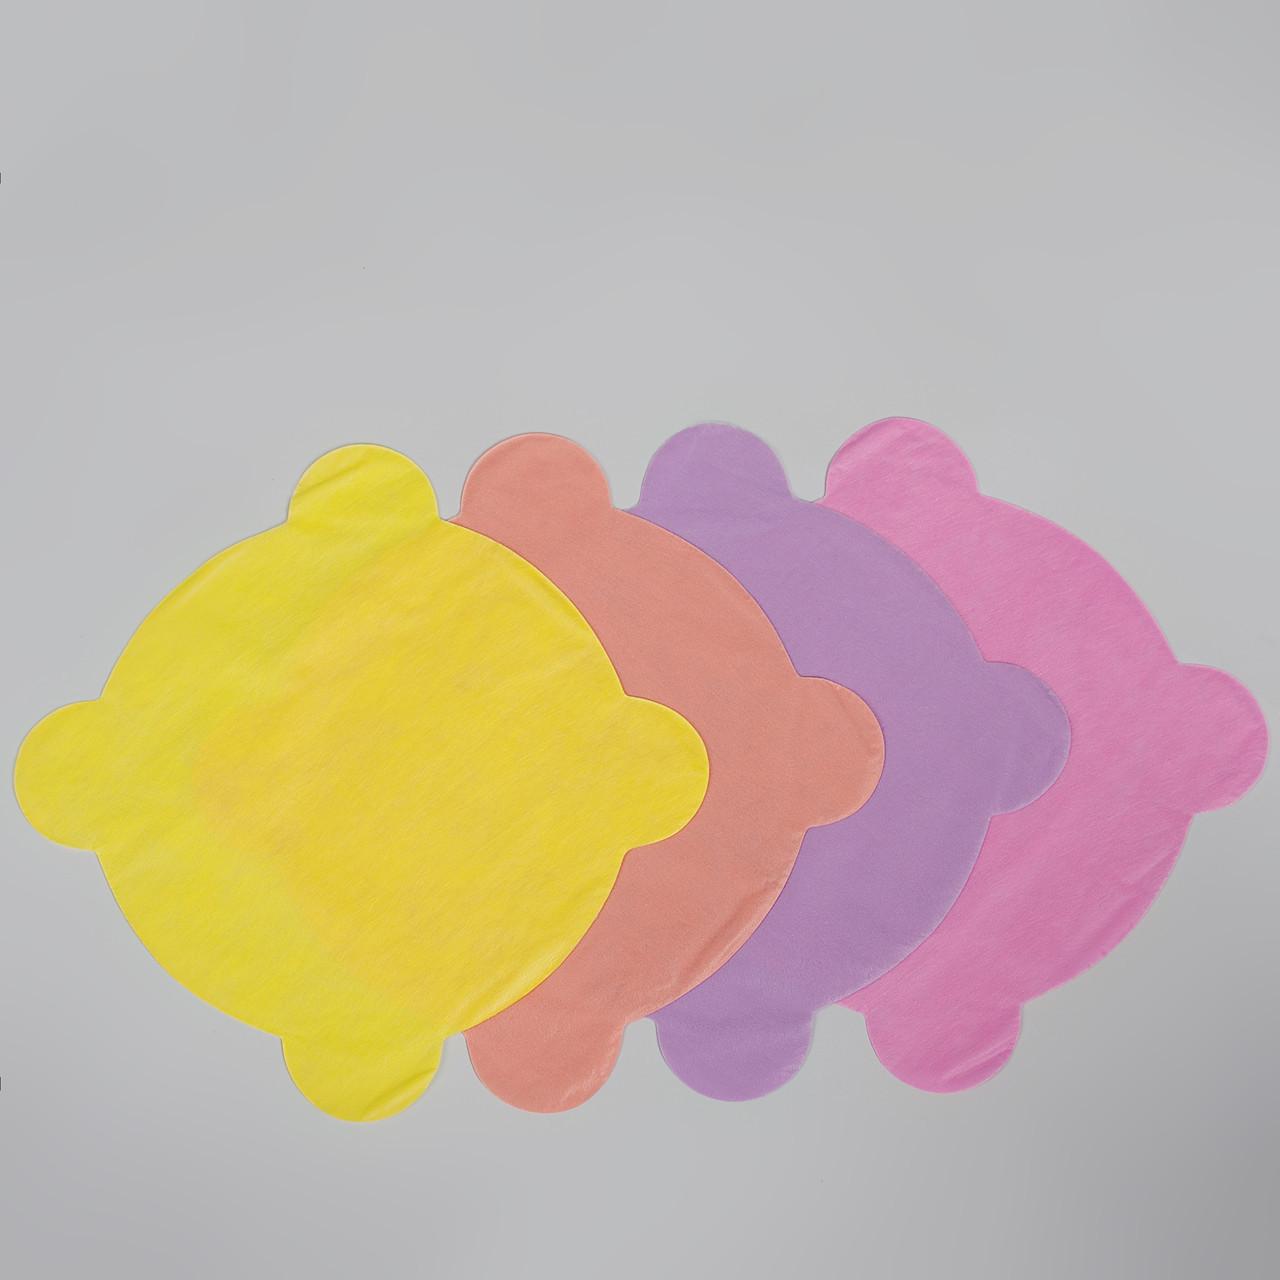 Салфетки для стоматологической чаши плевательницы из спанбонда, разноцветные (50шт в упаковке) (4823098704935)